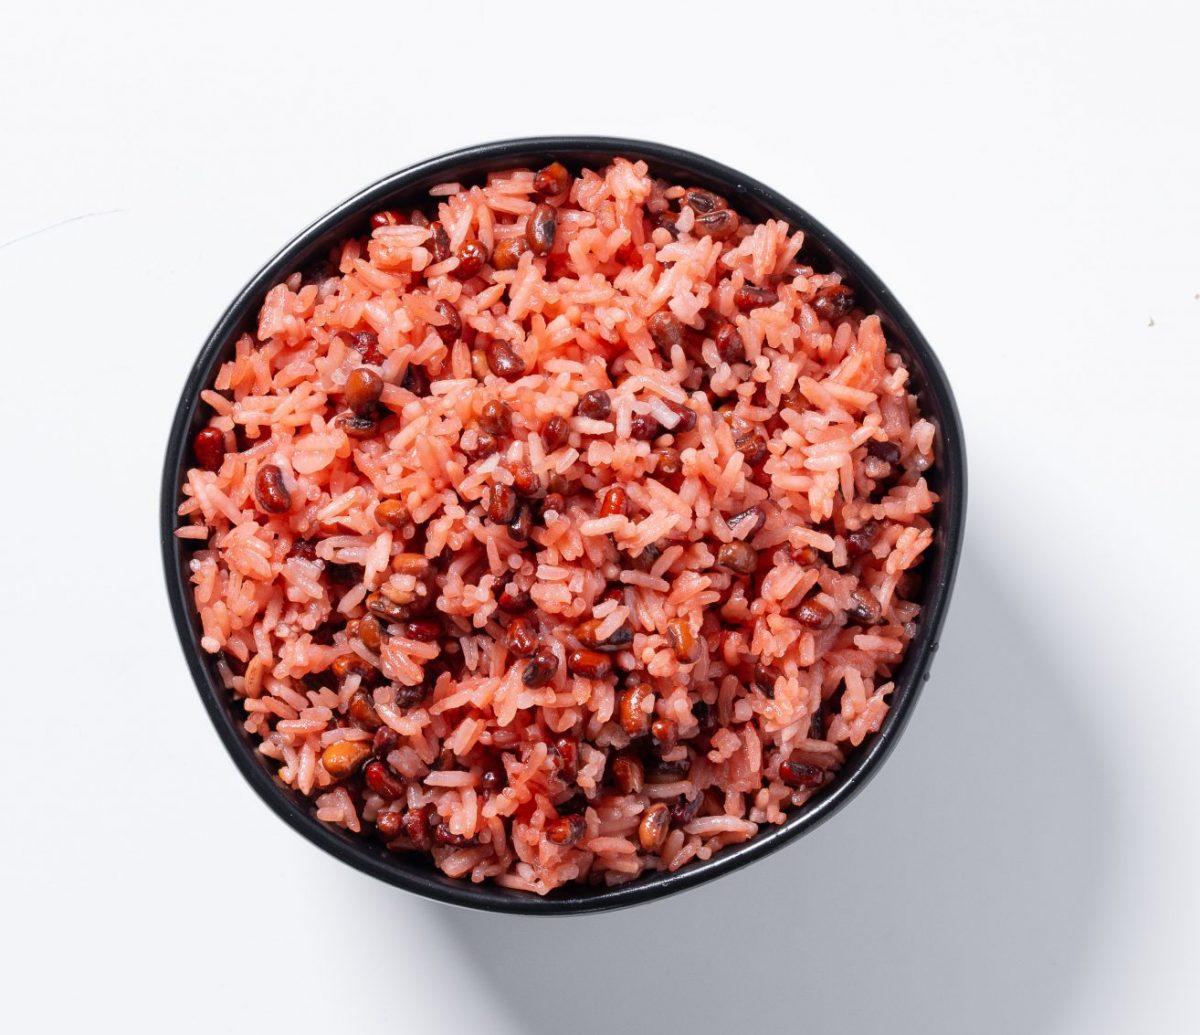 Chef Eric Adjepong's waakye dish for AYO Foods